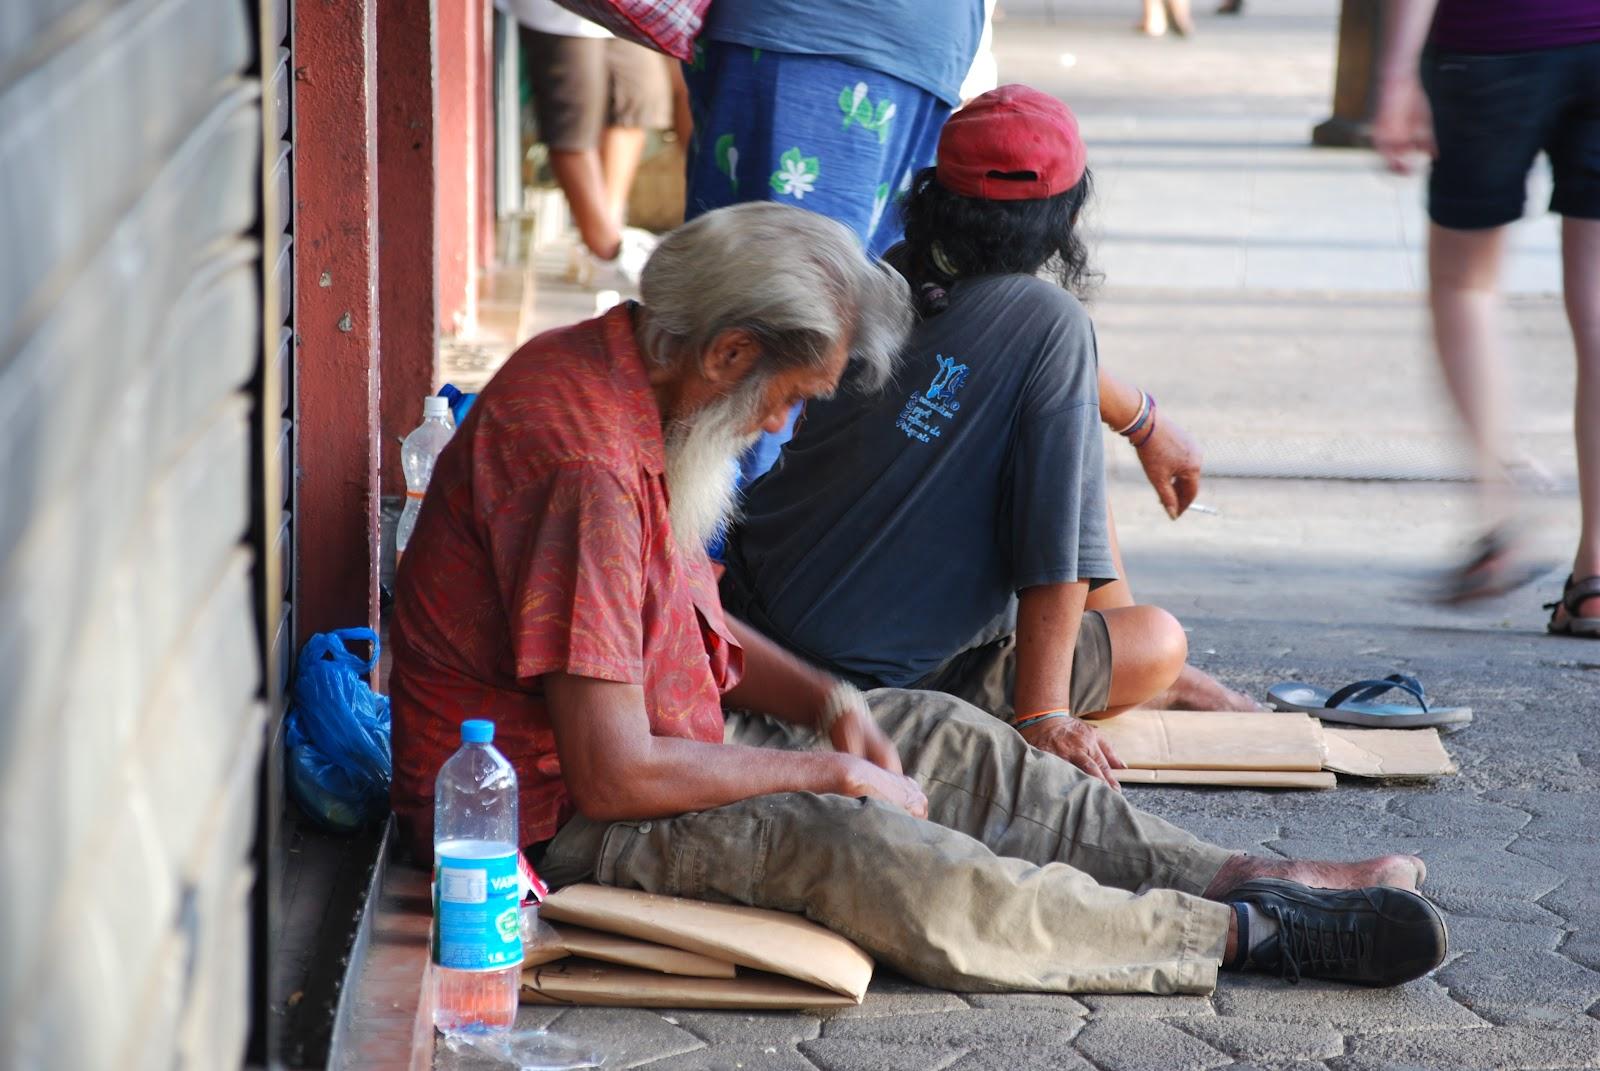 En Polynésie, 55% de la population vit sous le seuil de pauvreté ©Tahiti-infos